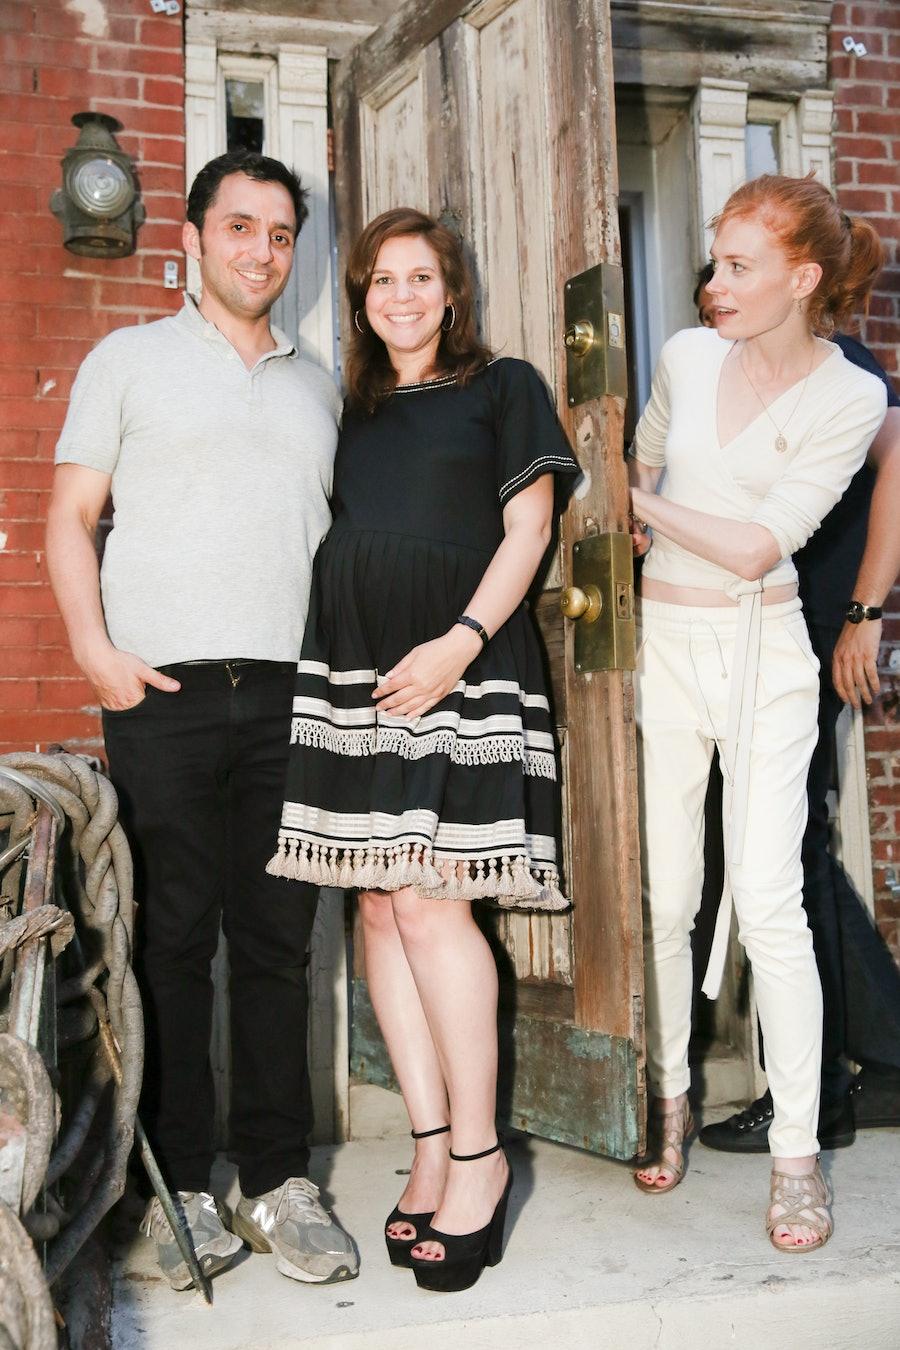 Adam Shopkorn, Carolyn Angel, Jessica Joffe